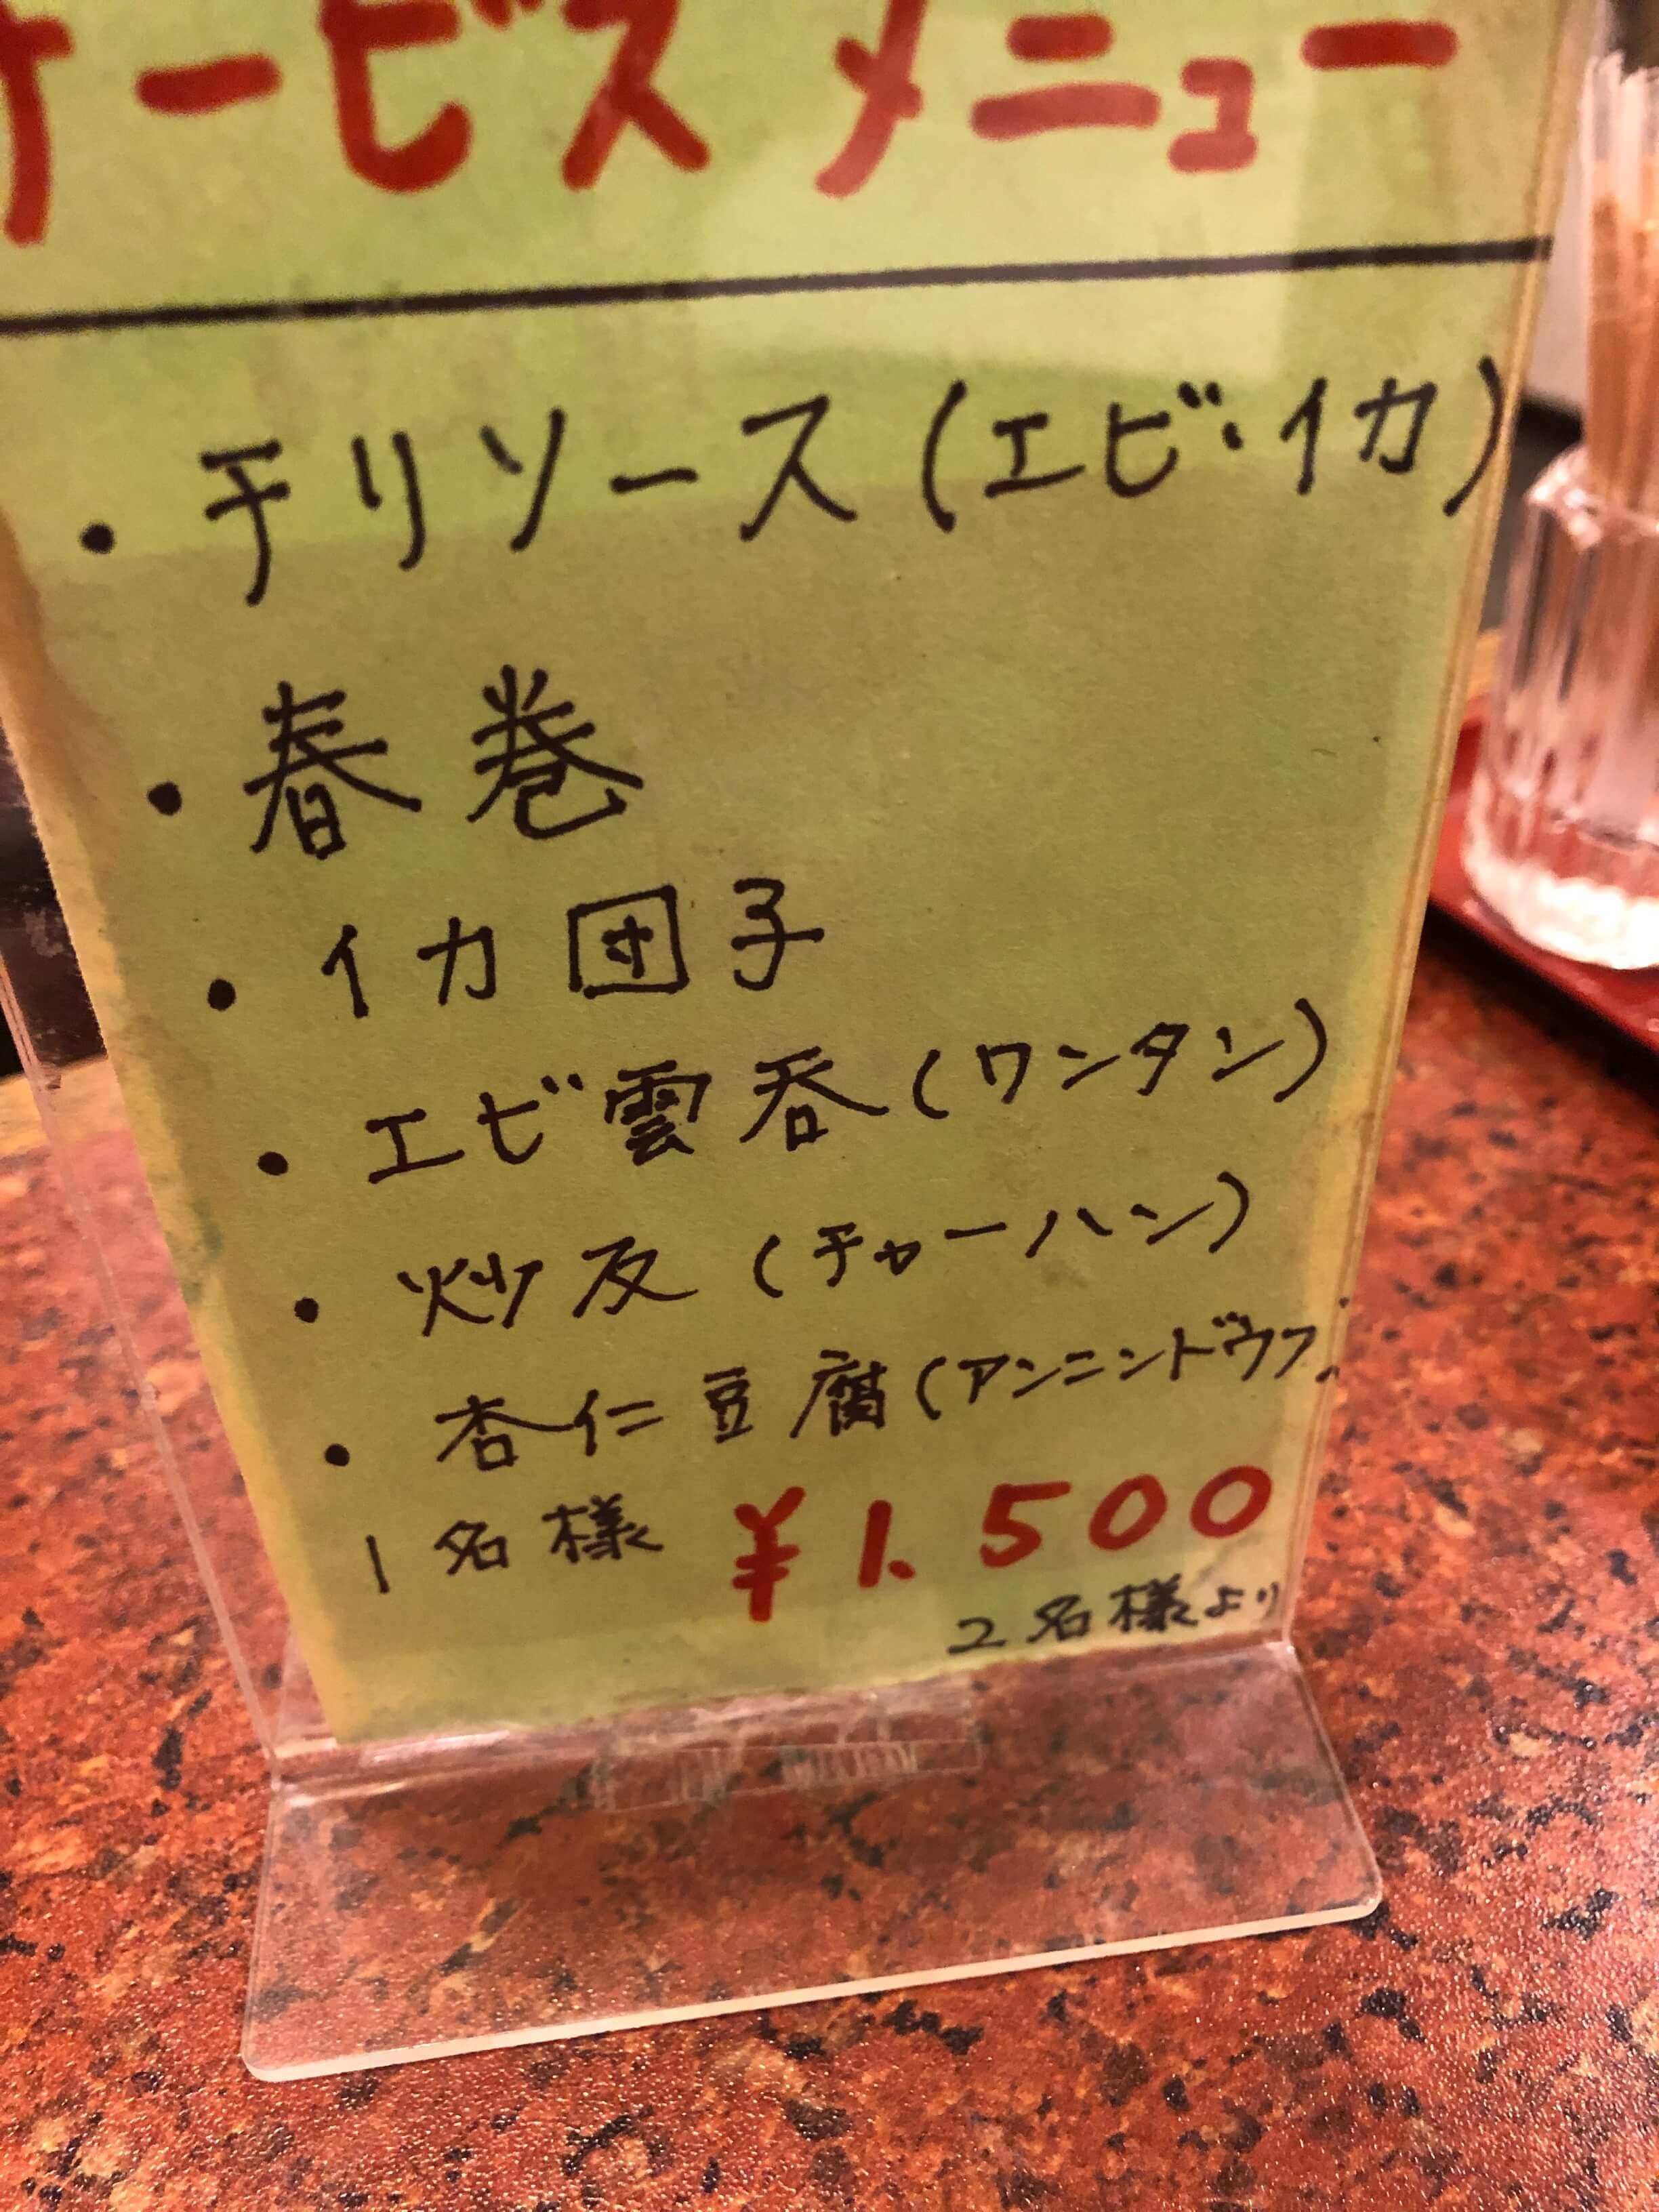 新楽 メニュー 2019.08.03